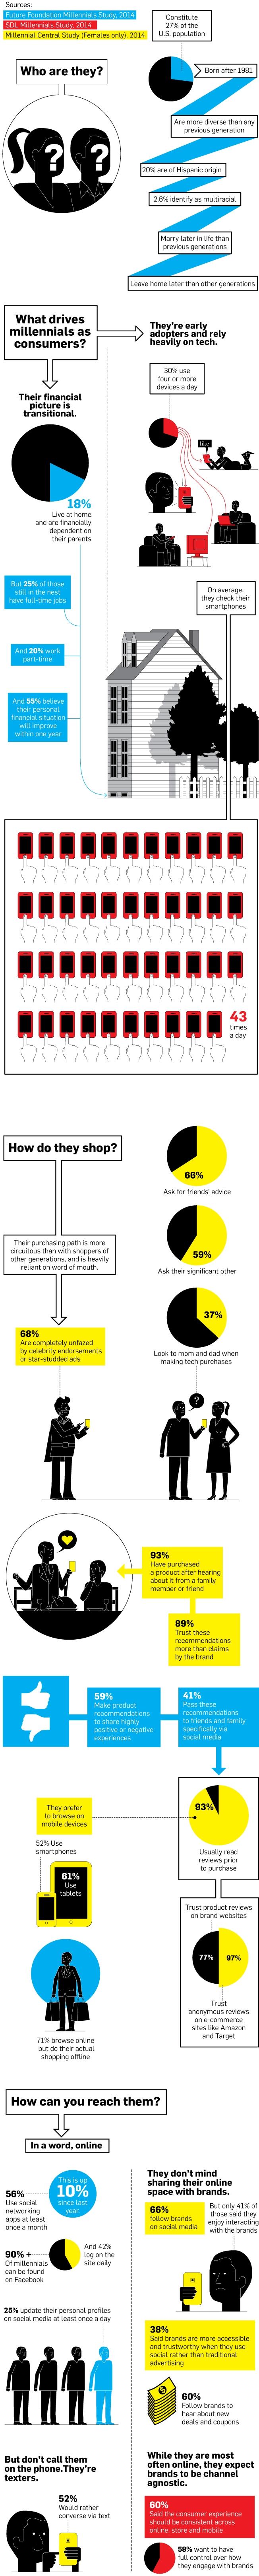 Vad är millennials?